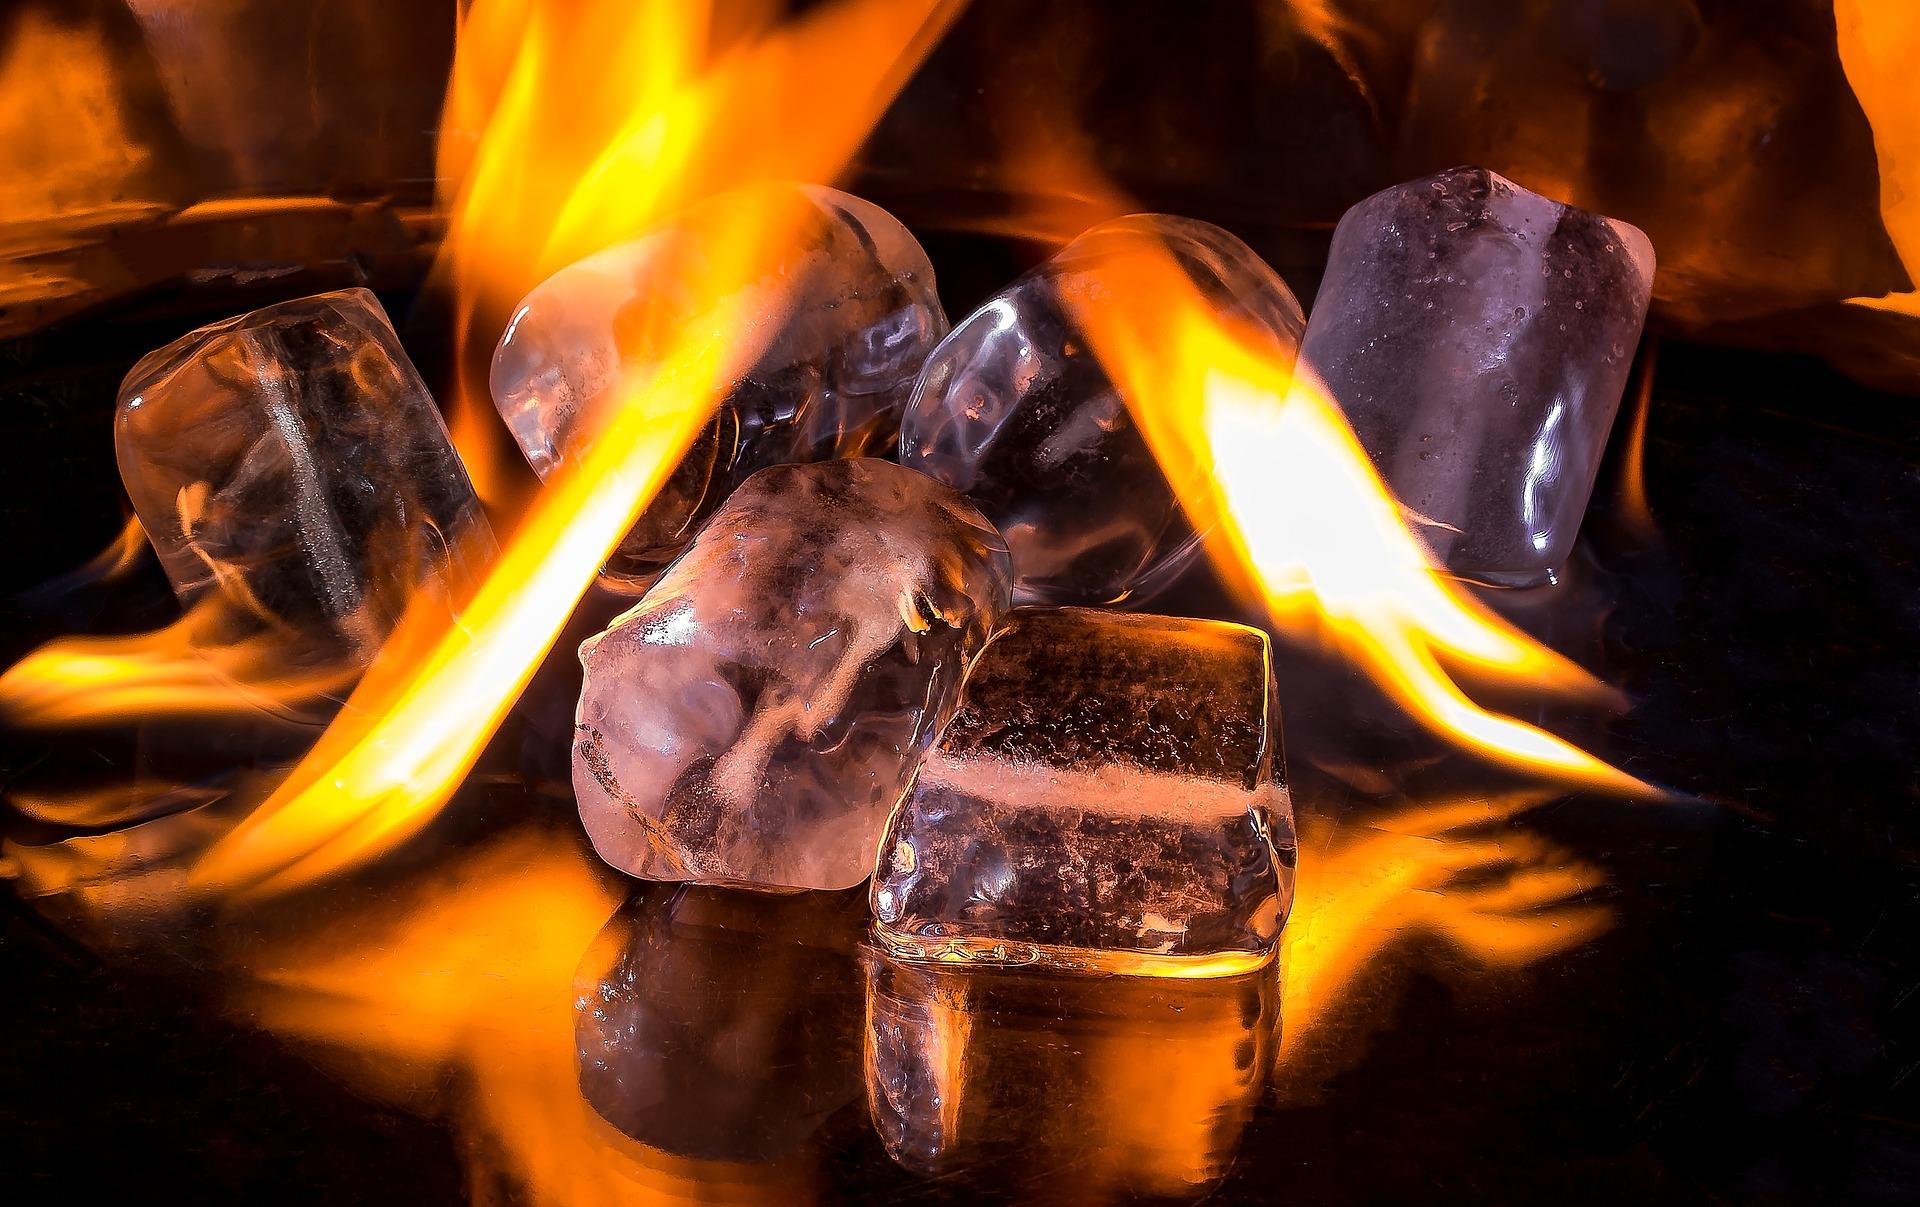 fuoco e ghiaccio